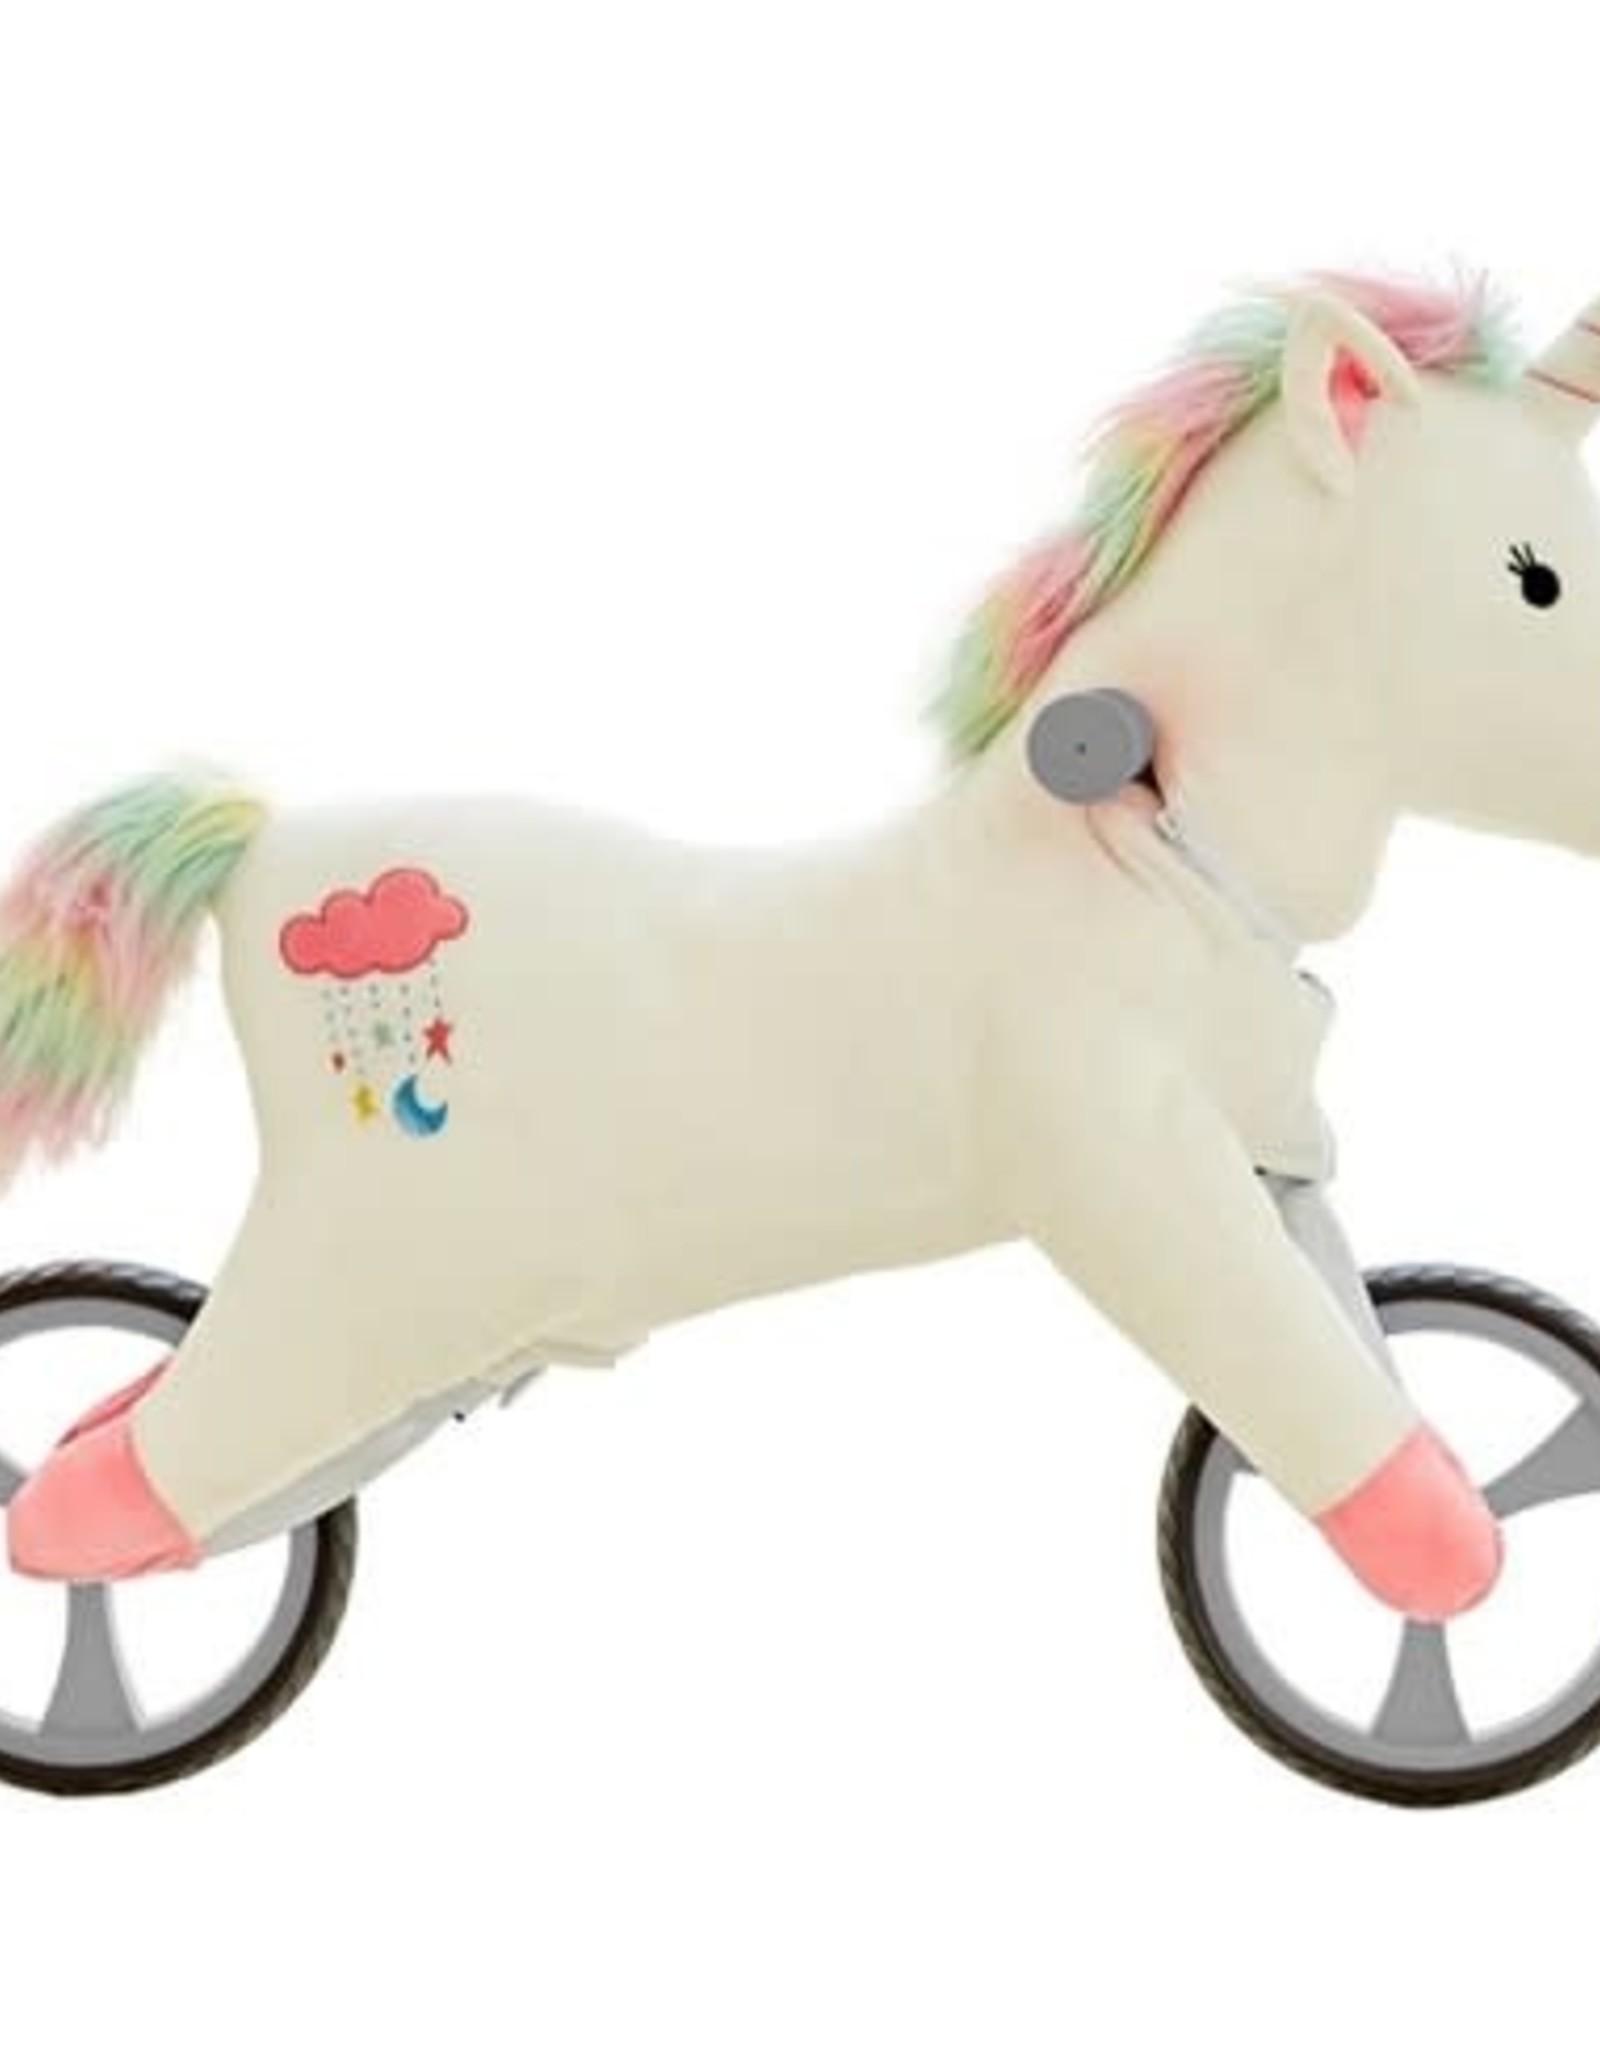 Asweets Unicorn Balance Bike